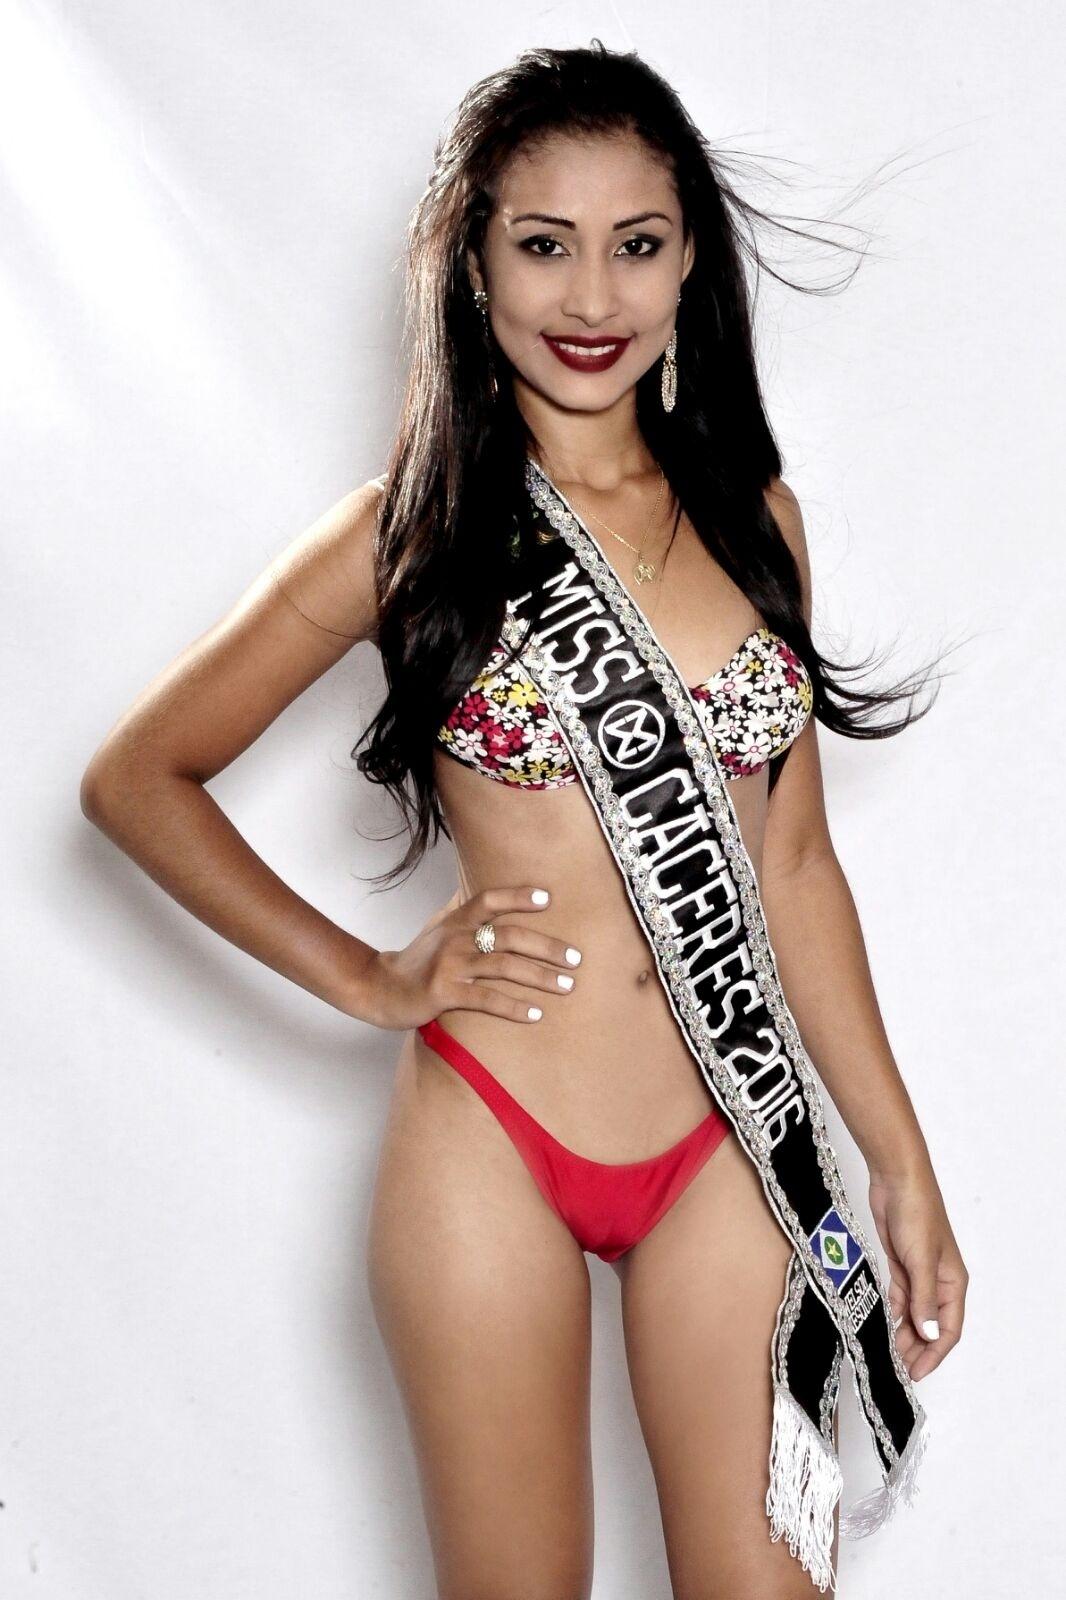 27.jan.2016 - Cáceres - Neulyane Nayara Alves da Silva, 20 anos